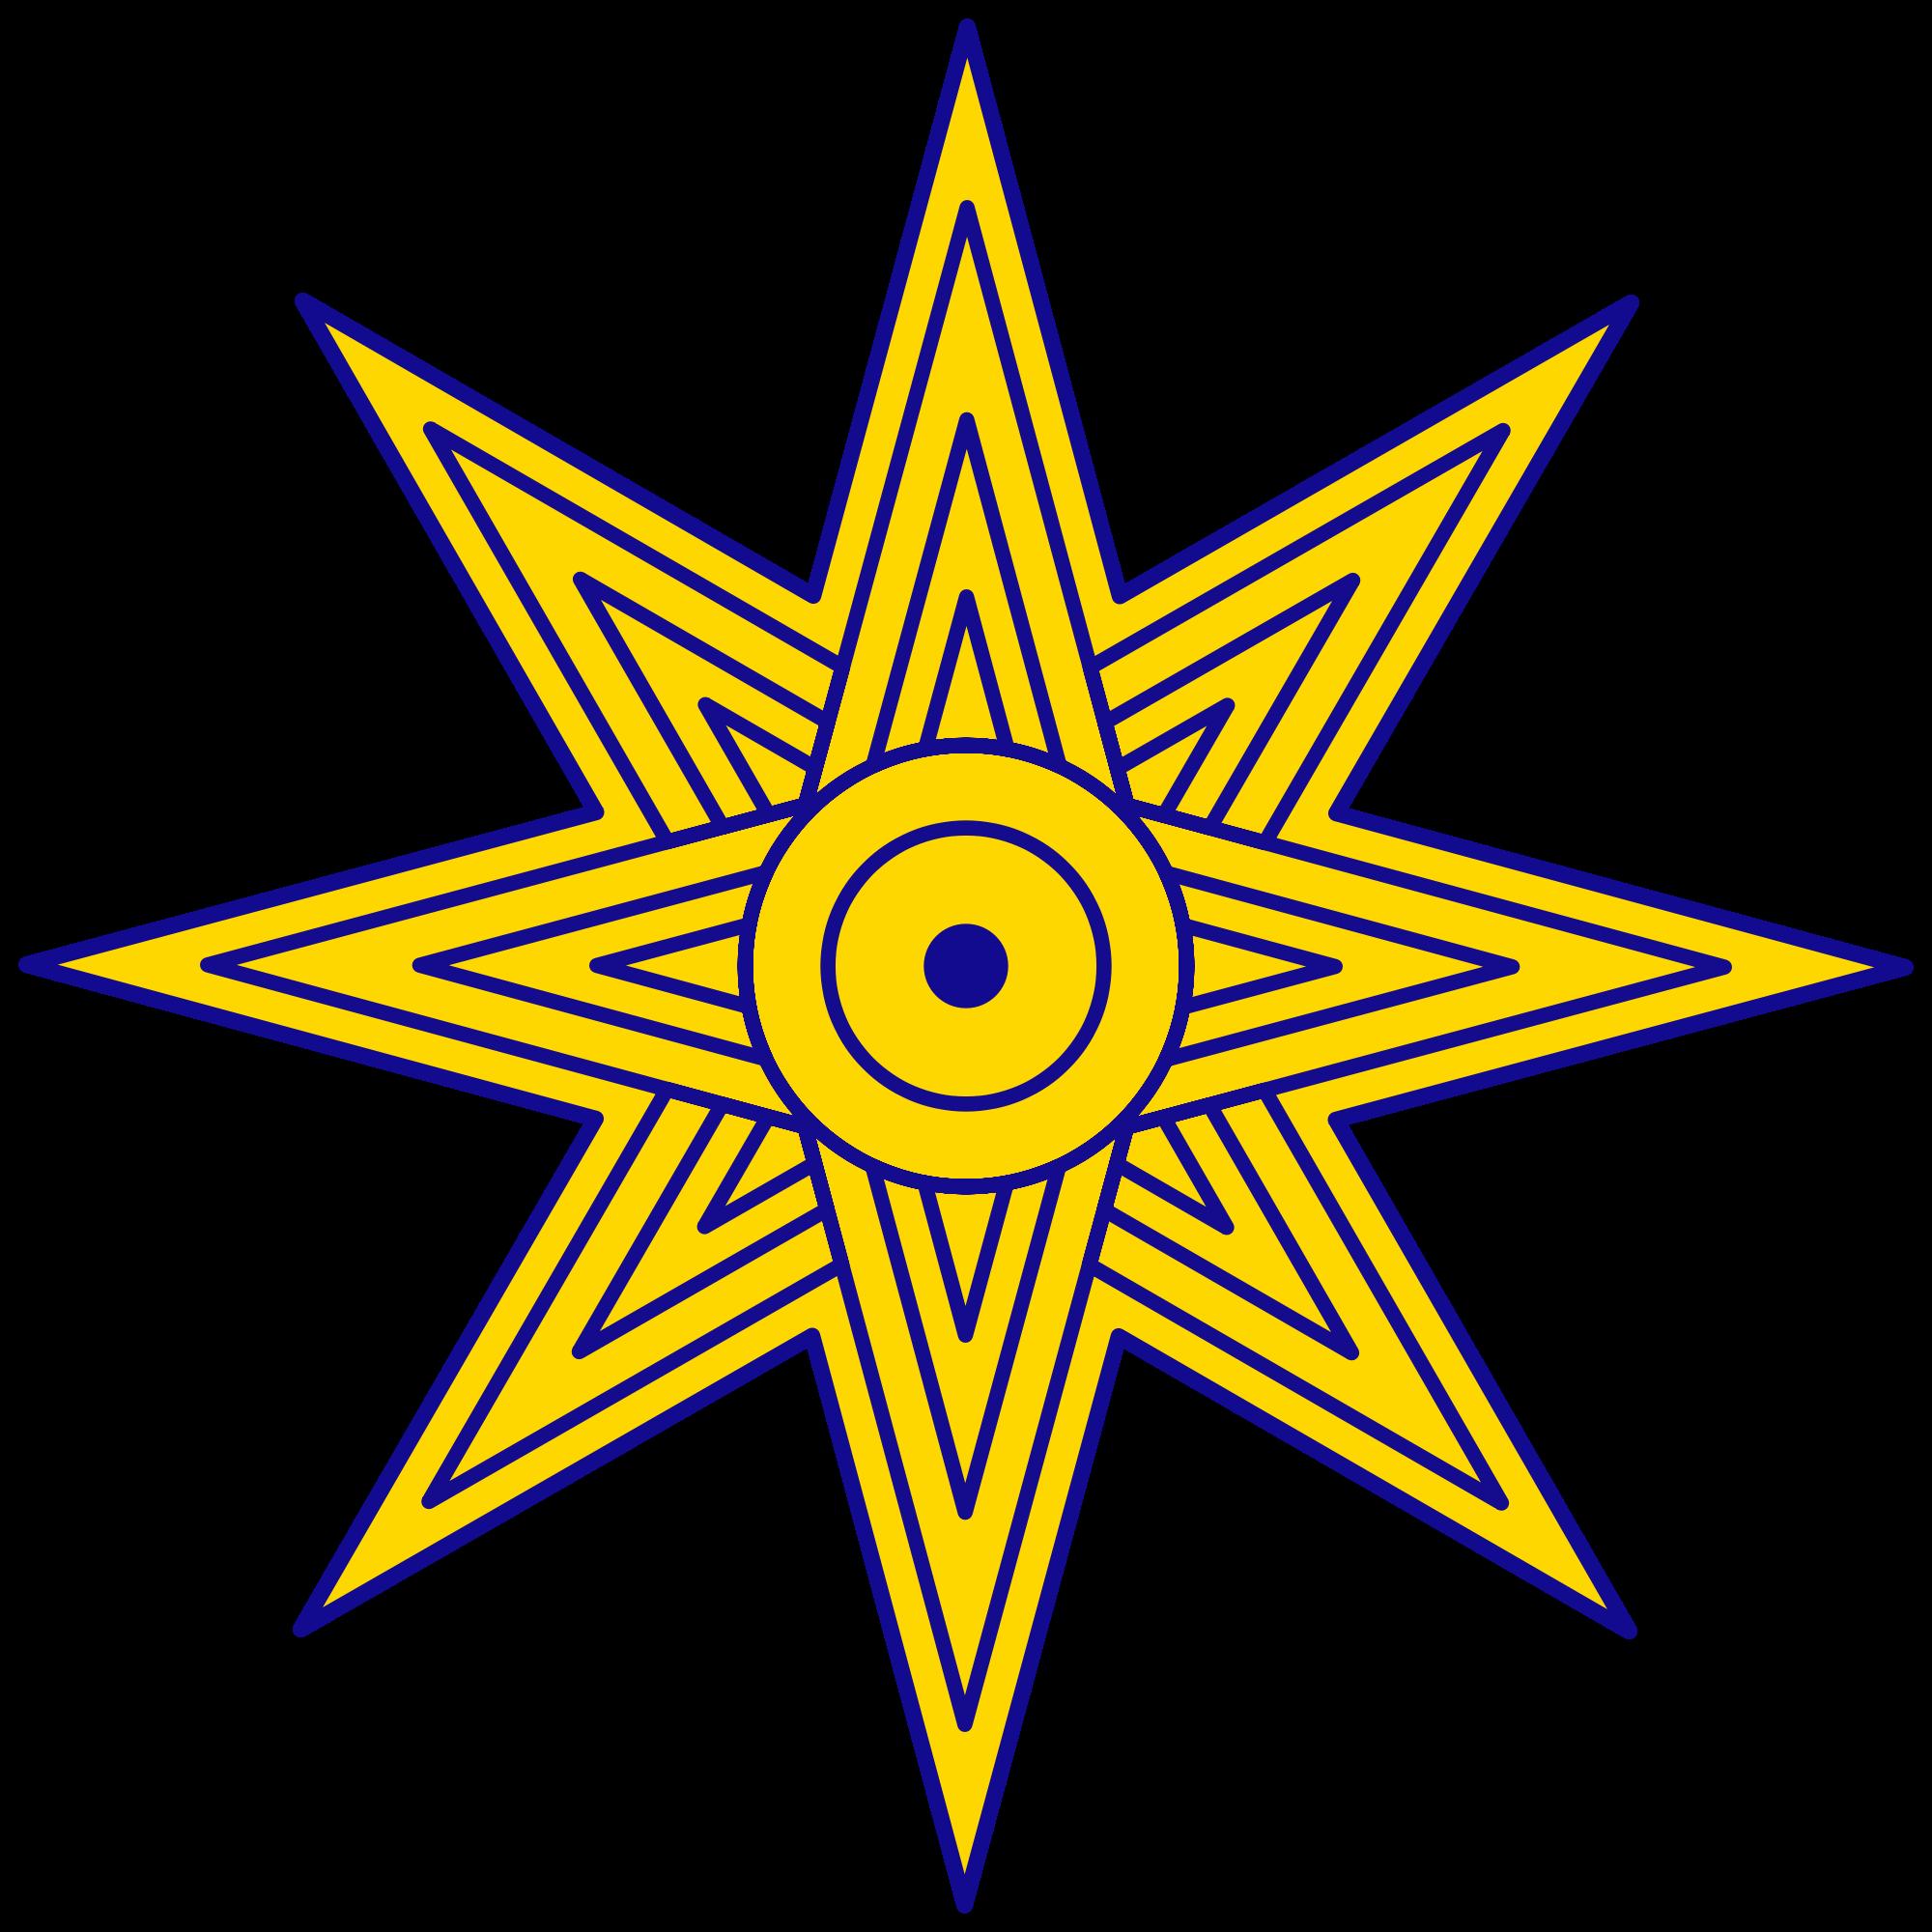 Ishtar star symbol by raphael 75 own work licensed under public ishtar star symbol by raphael 75 own work licensed under biocorpaavc Gallery